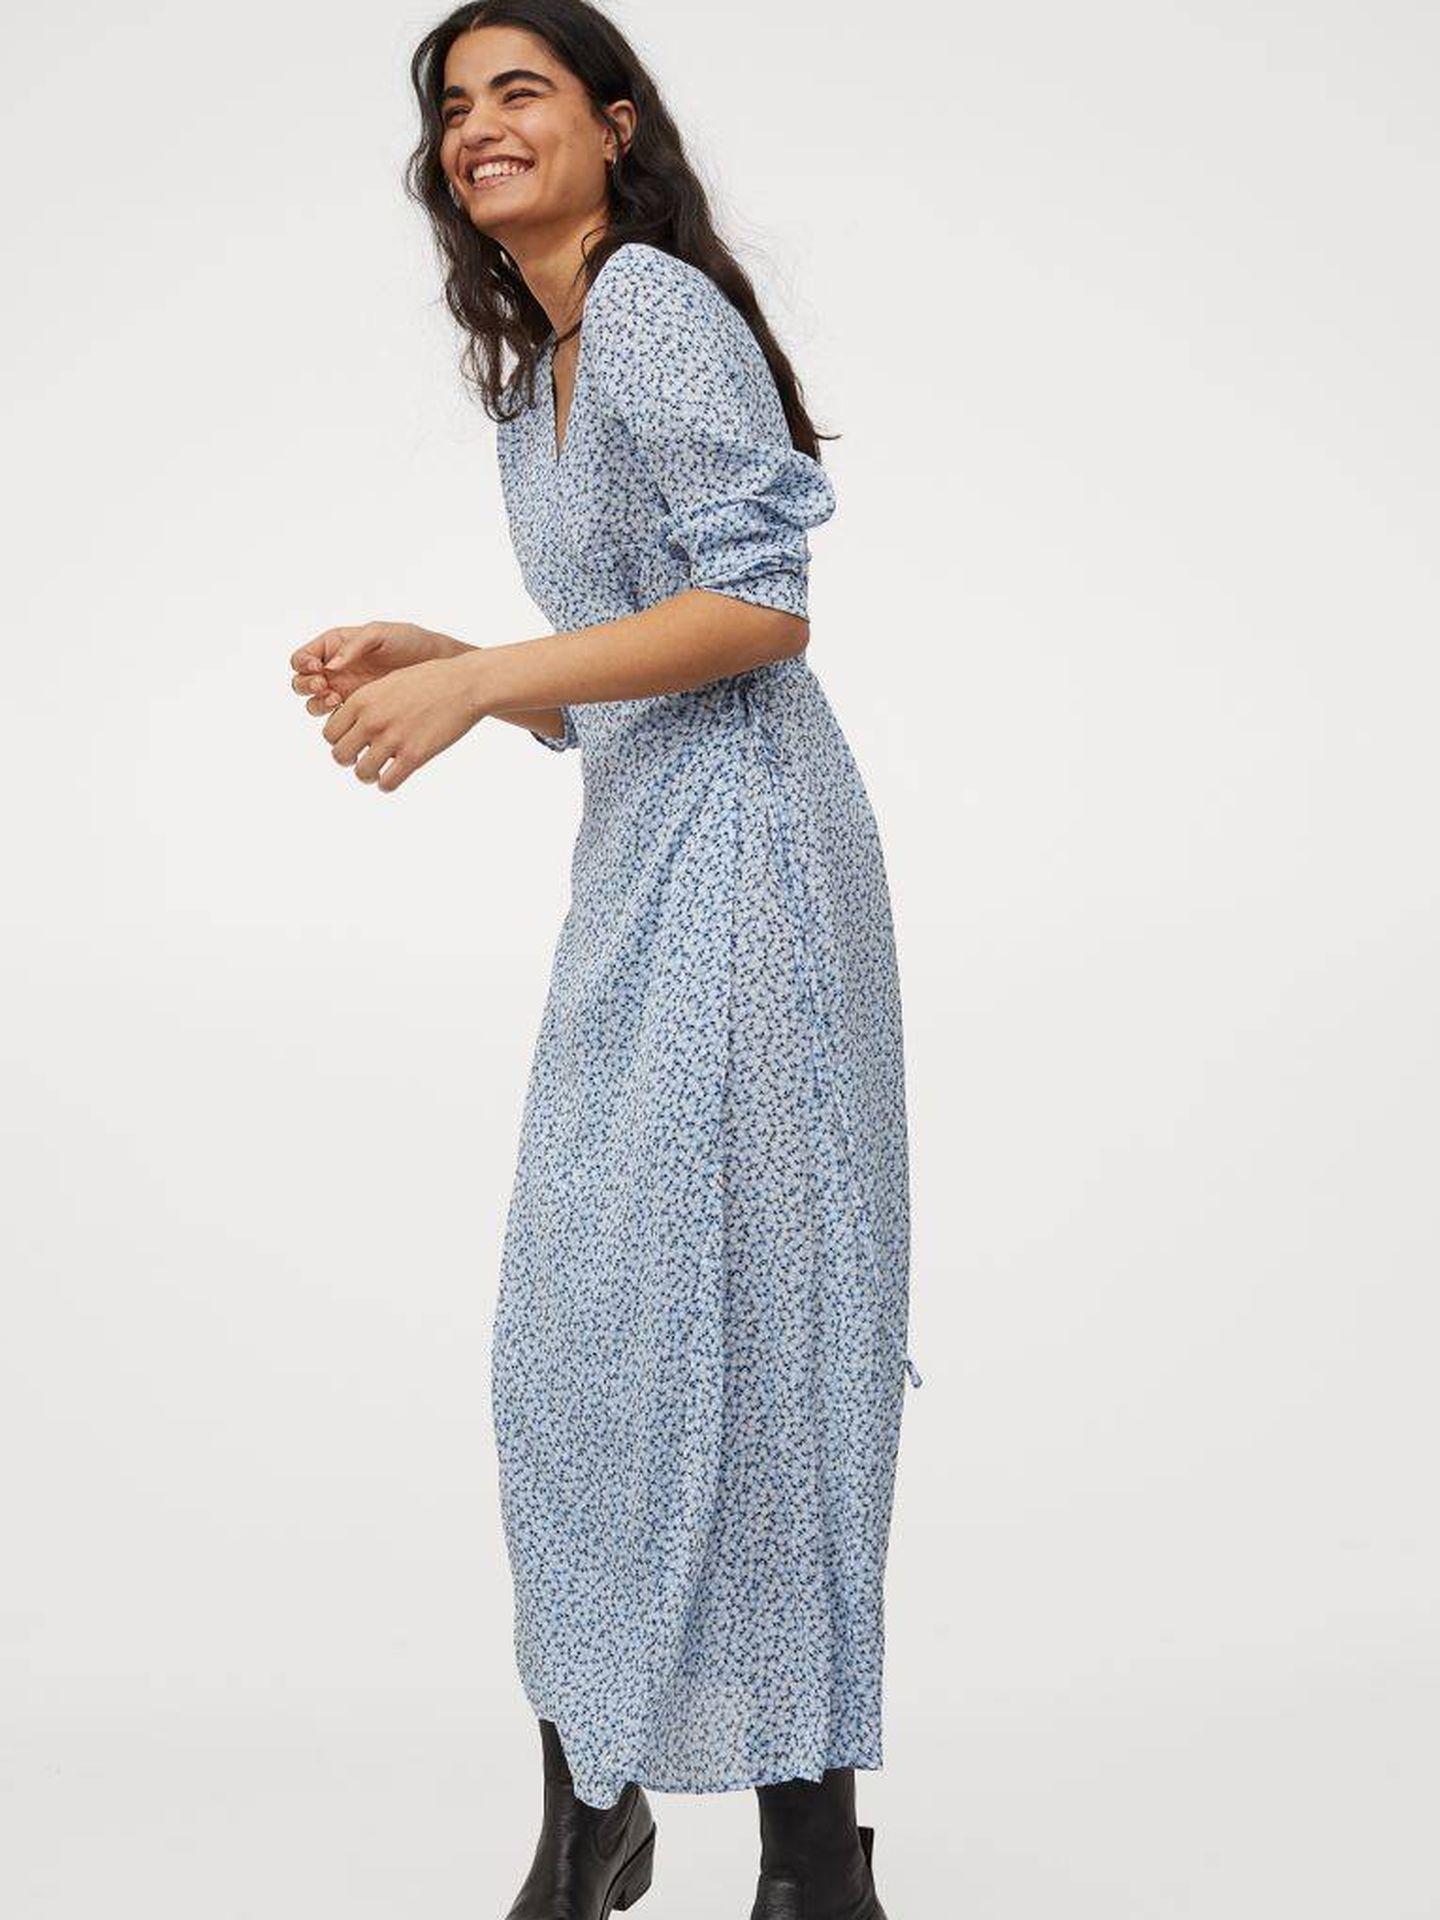 Un vestido cruzado de HyM. (Cortesía)